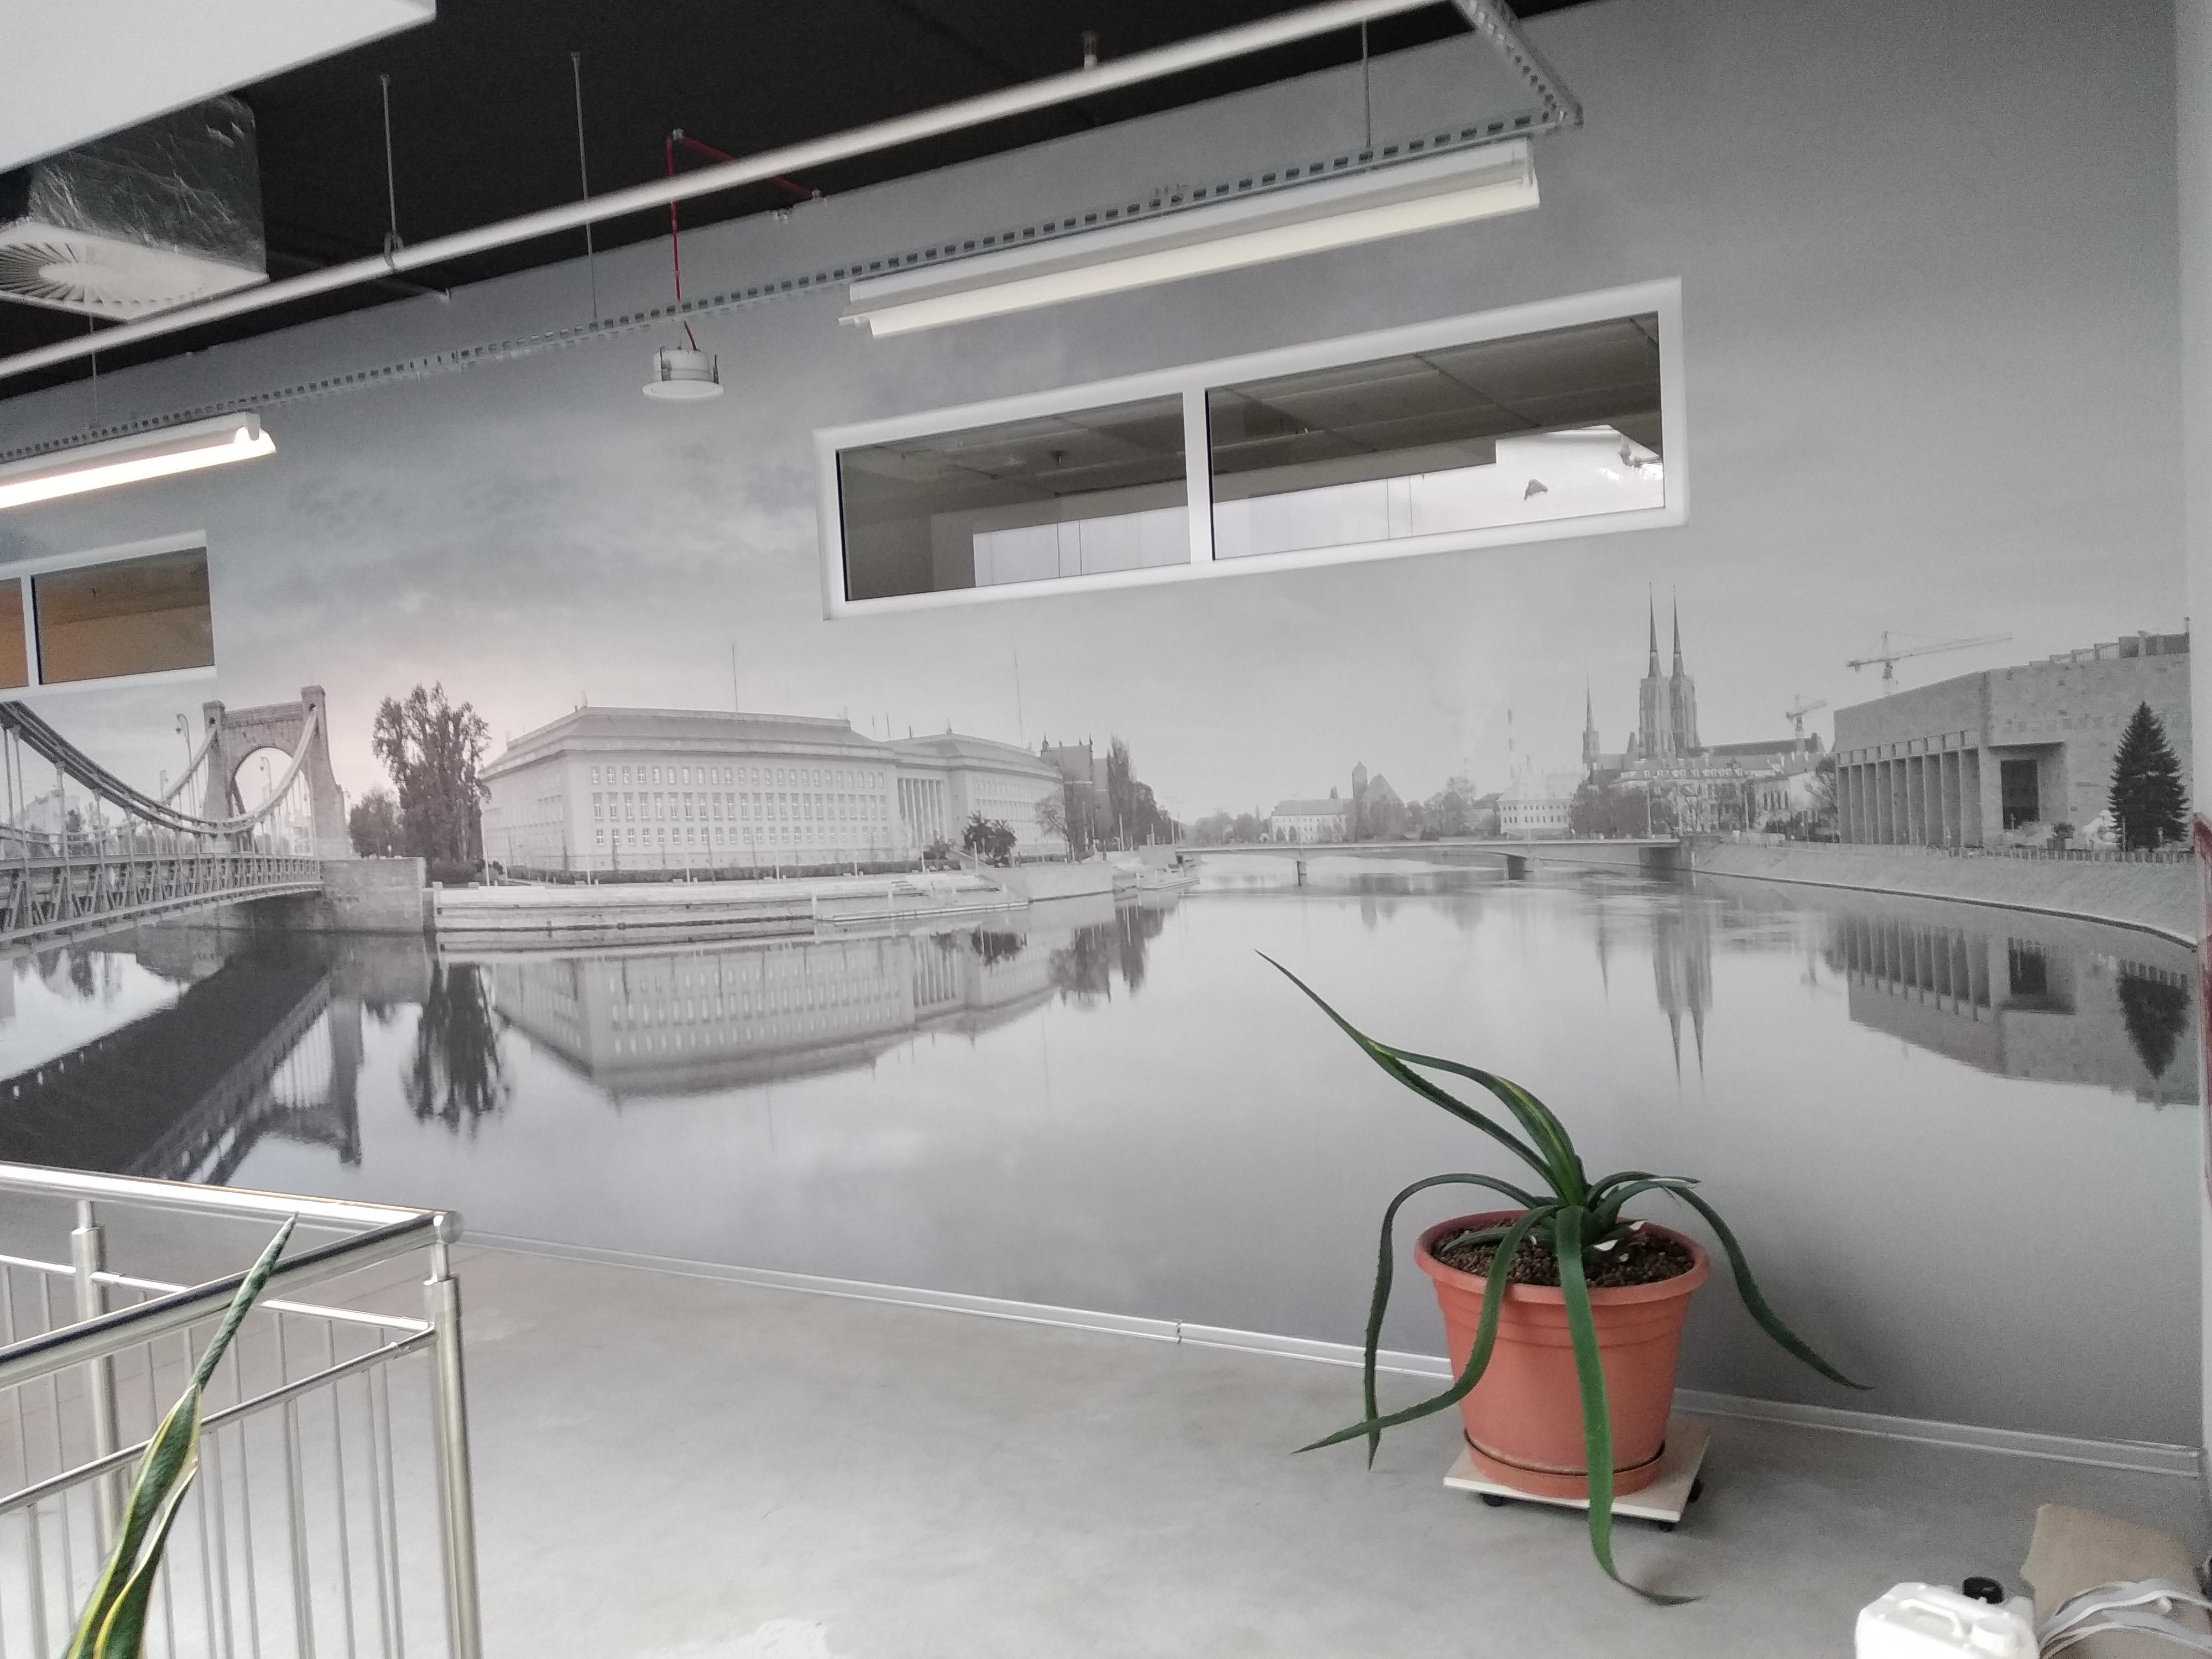 realizacja-fototapety-dla-wroclawskie-mieszkania8.jpg